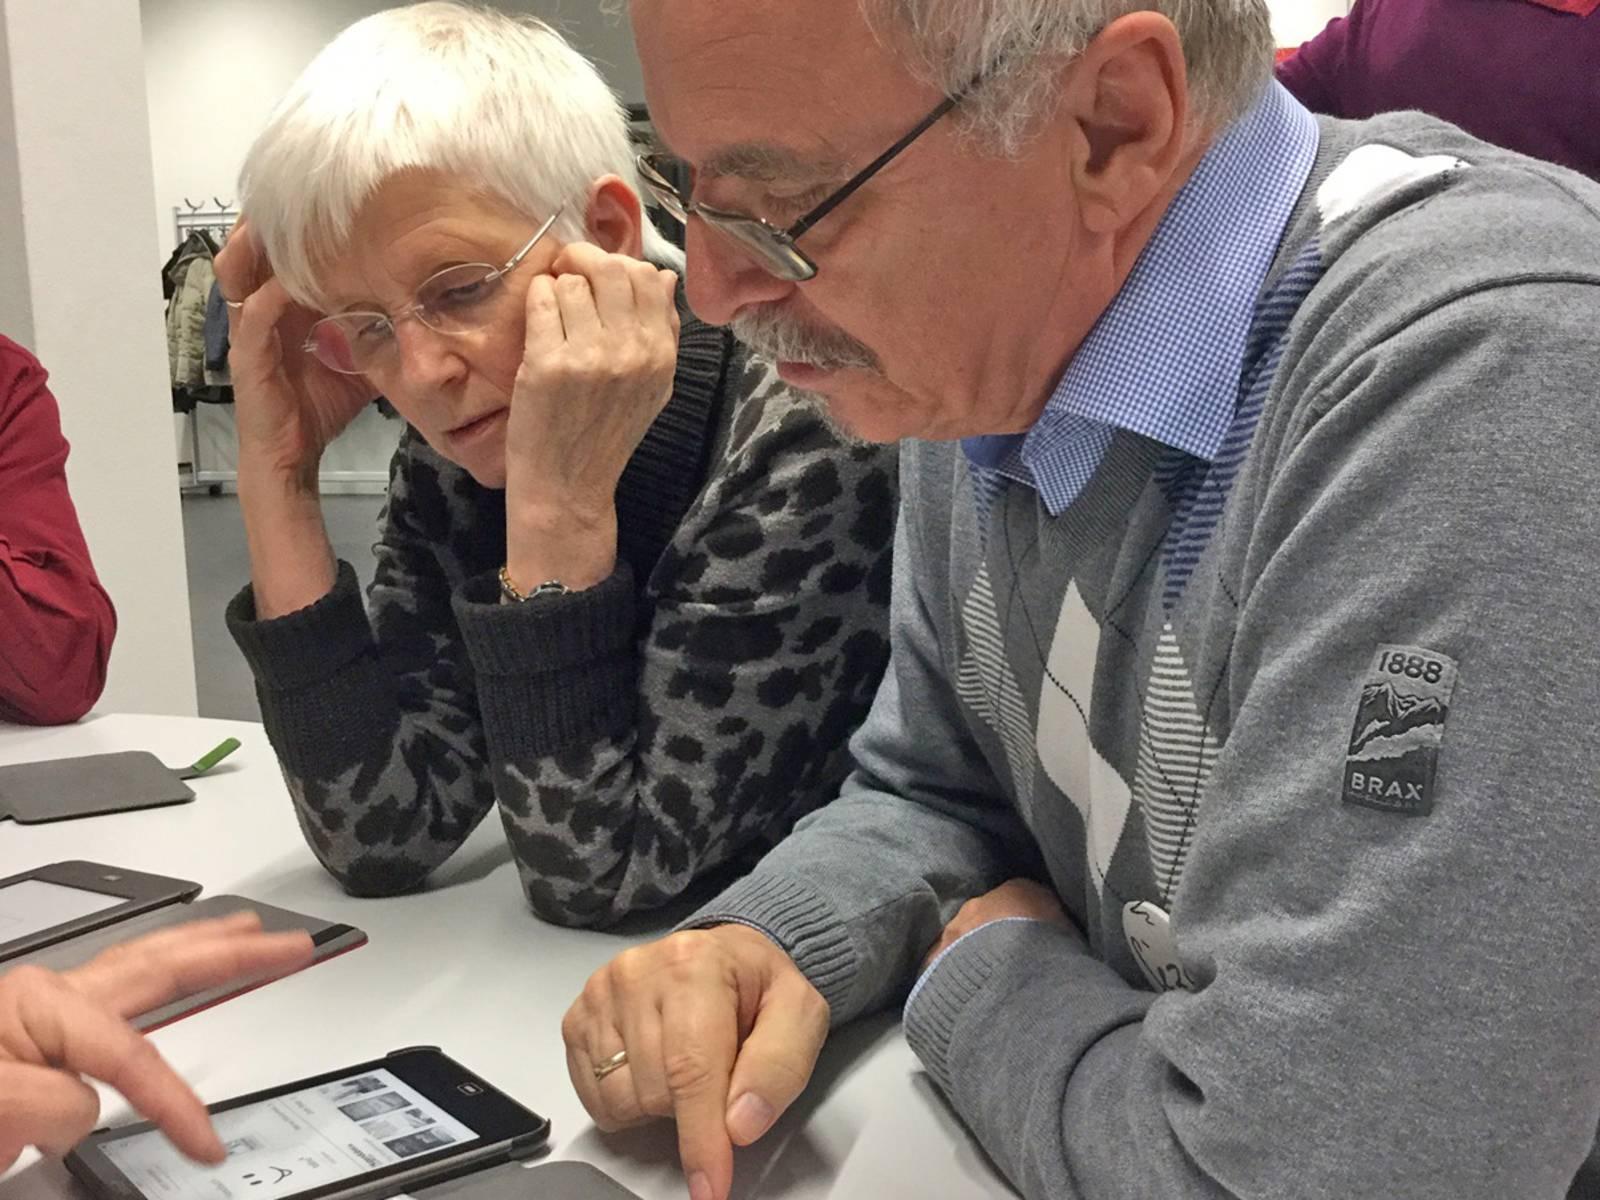 Eine ältere Dame und ein älterer Herr lassen sich die Bedienung eines mobilen Gerätes erklären.